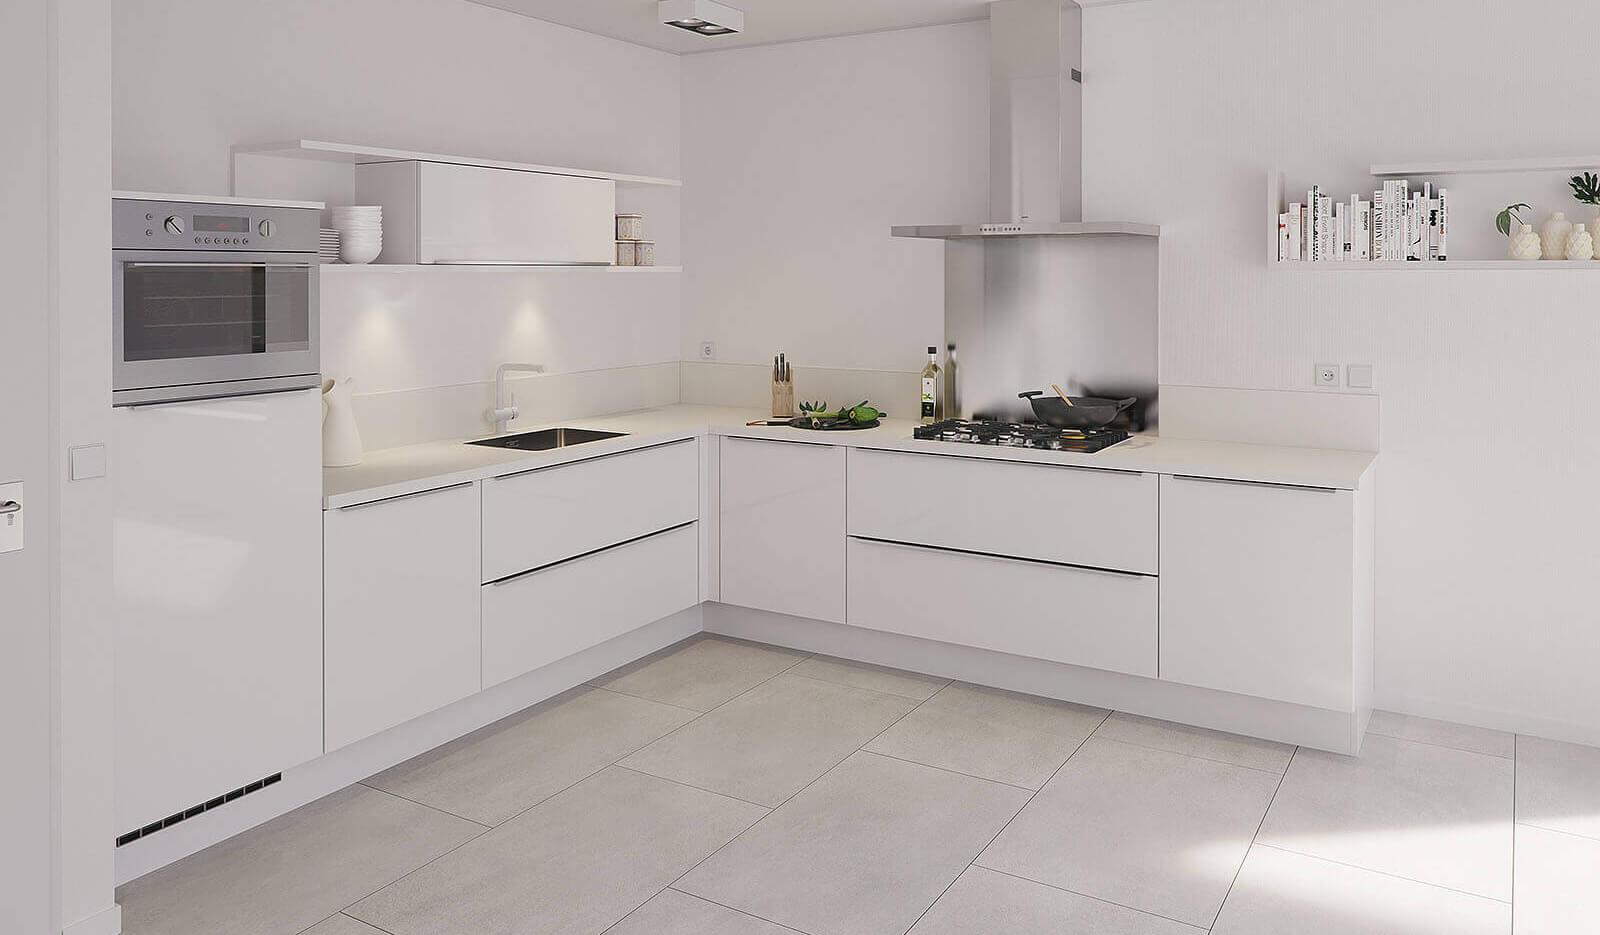 Keuken Pallas ijswit